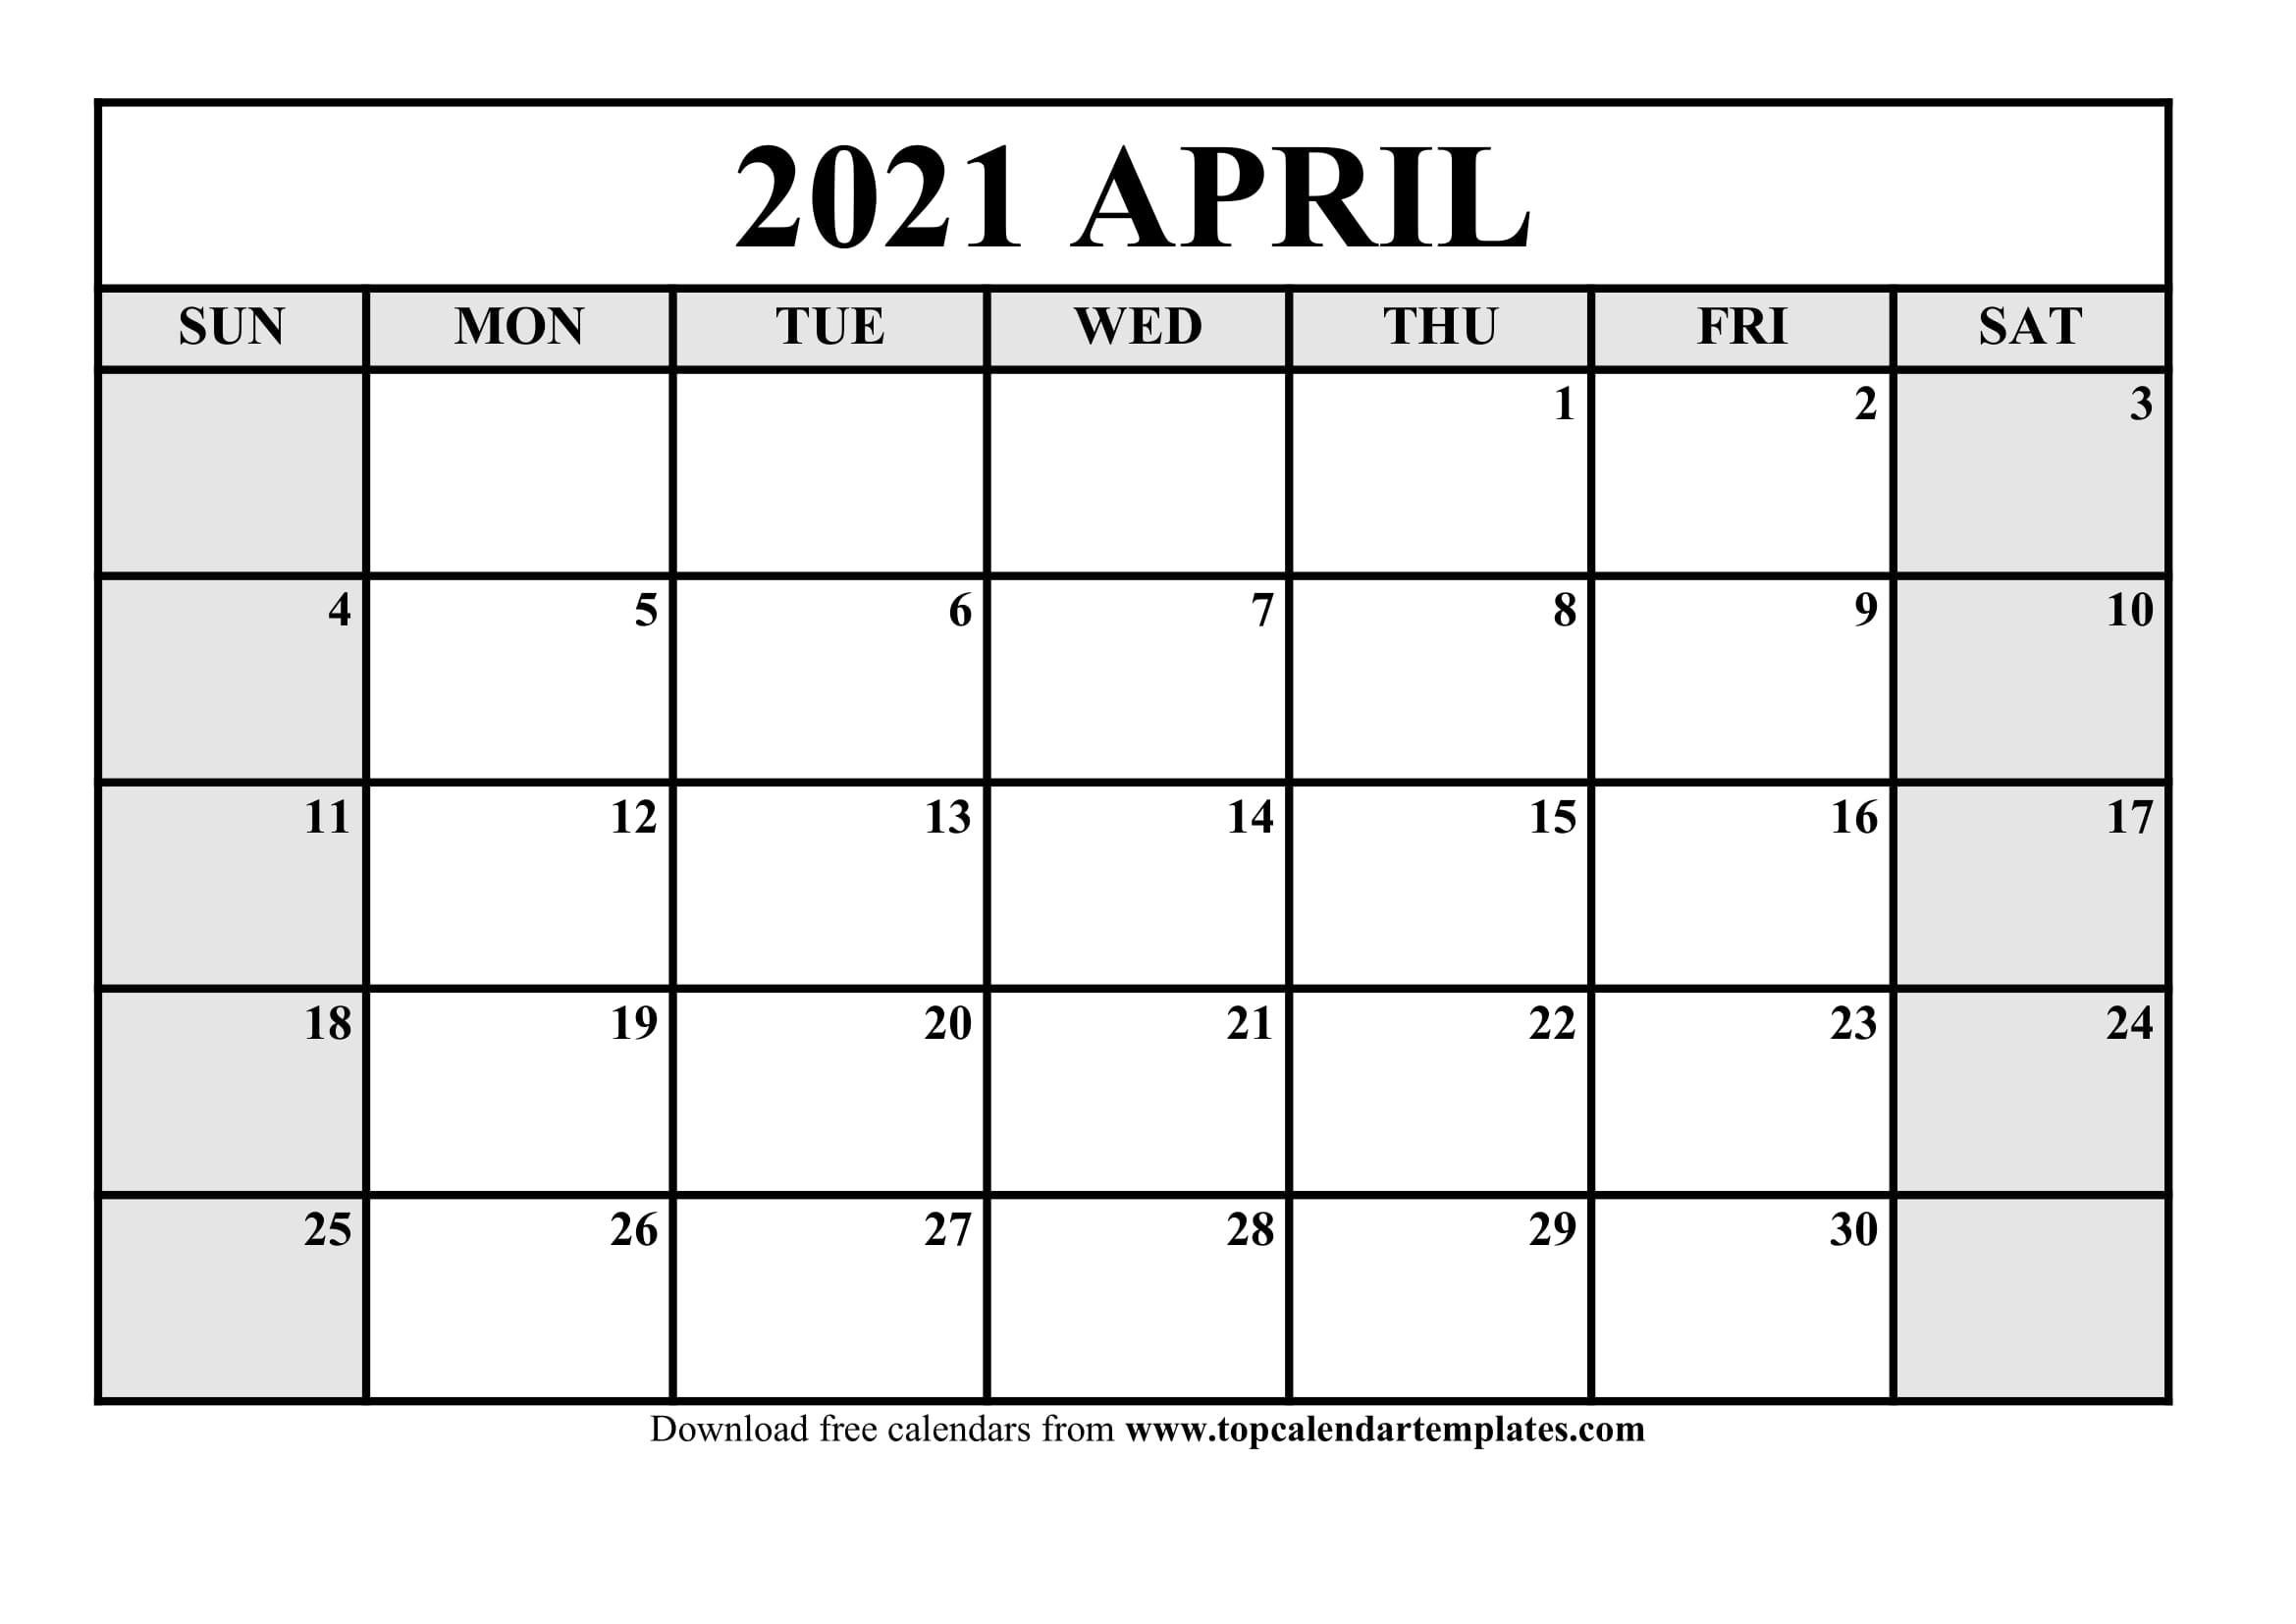 Free April 2021 Printable Calendar In Editable Format